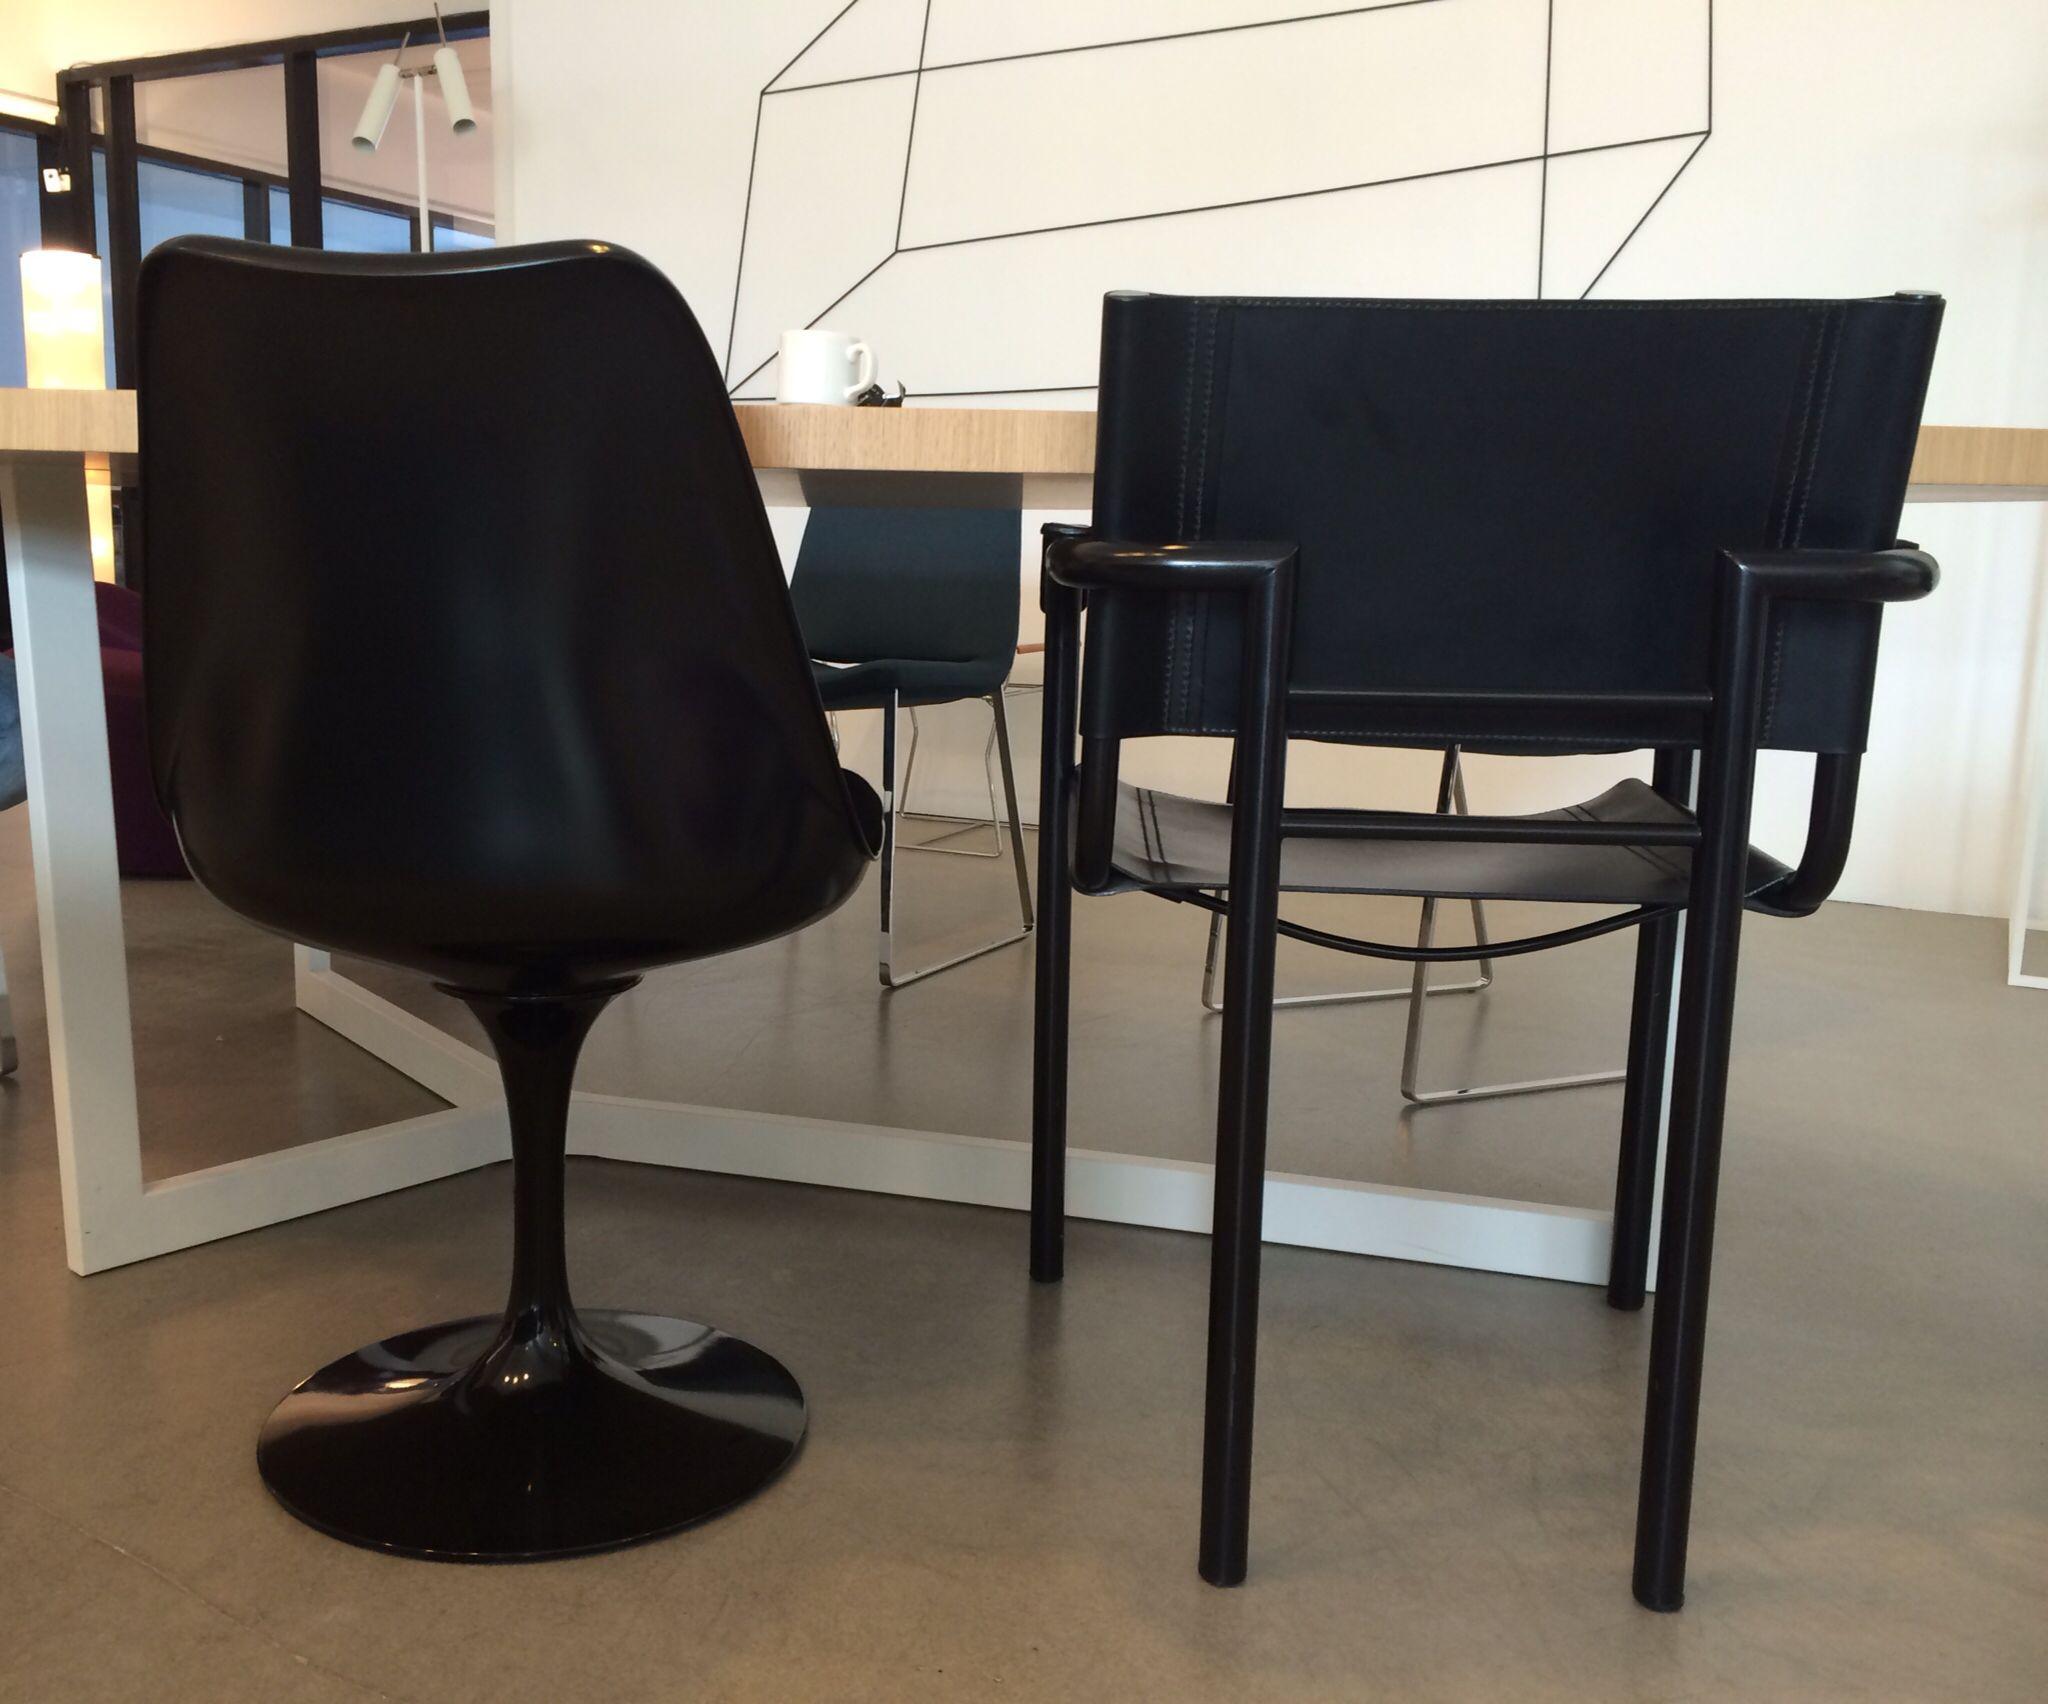 Tulip Stoel Knoll : Tulip chair saarinen voor knoll gecombineerd met jaar oude